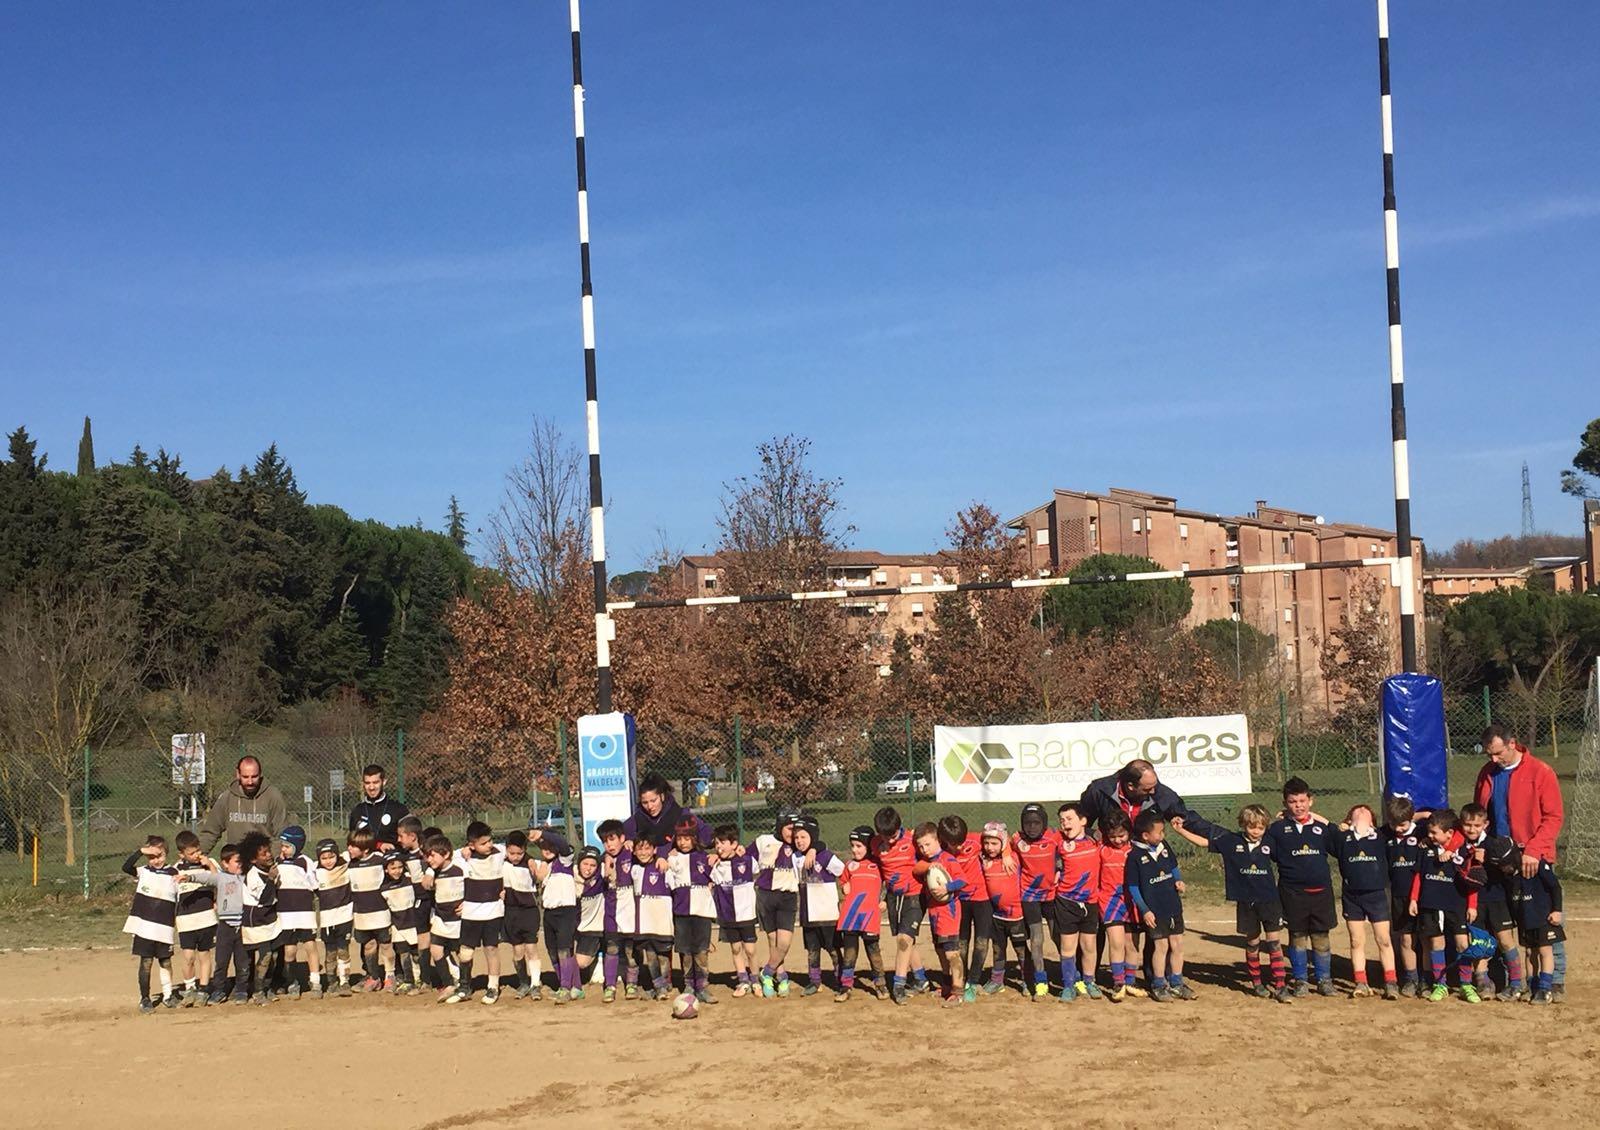 Concentramento U8 Siena del 28-01-18